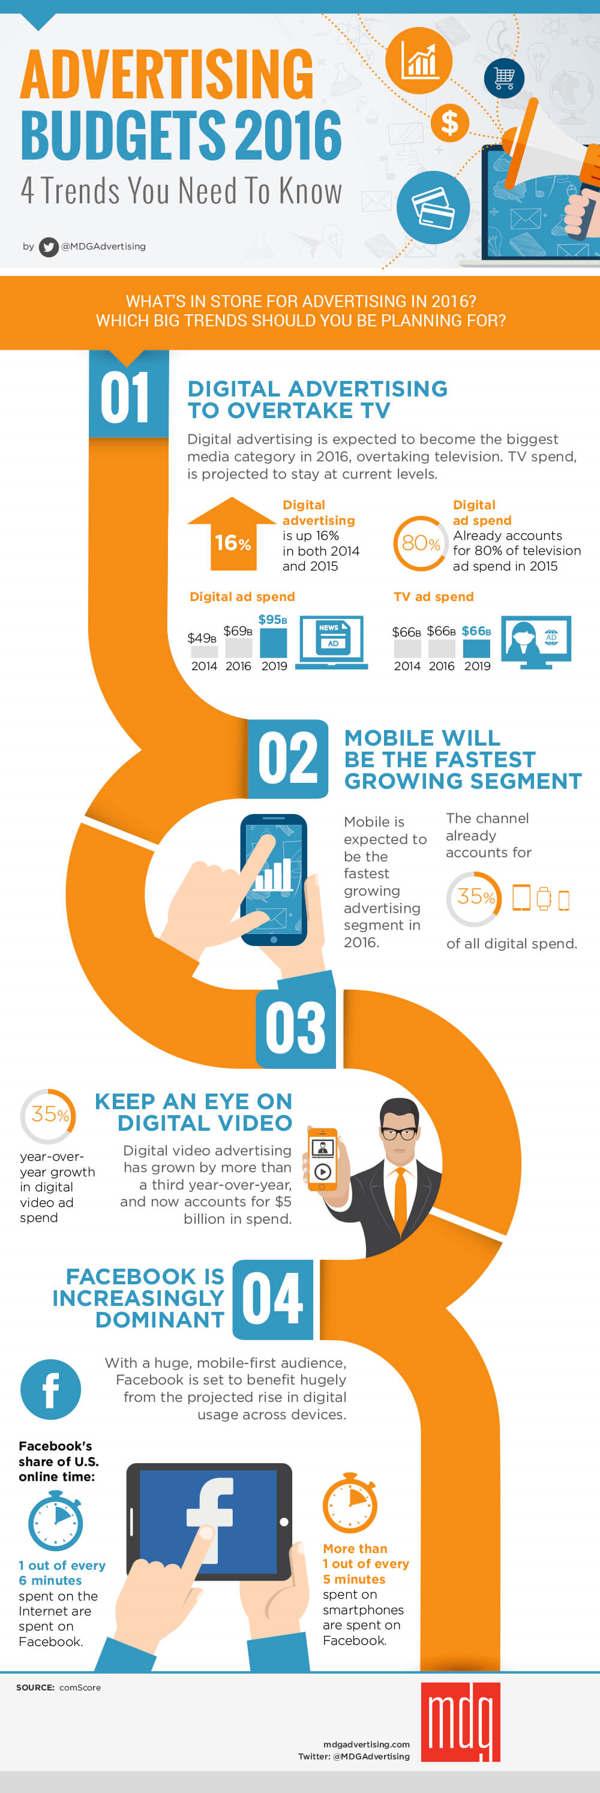 tendencias-publicidad-online-donde-invertir-infografia